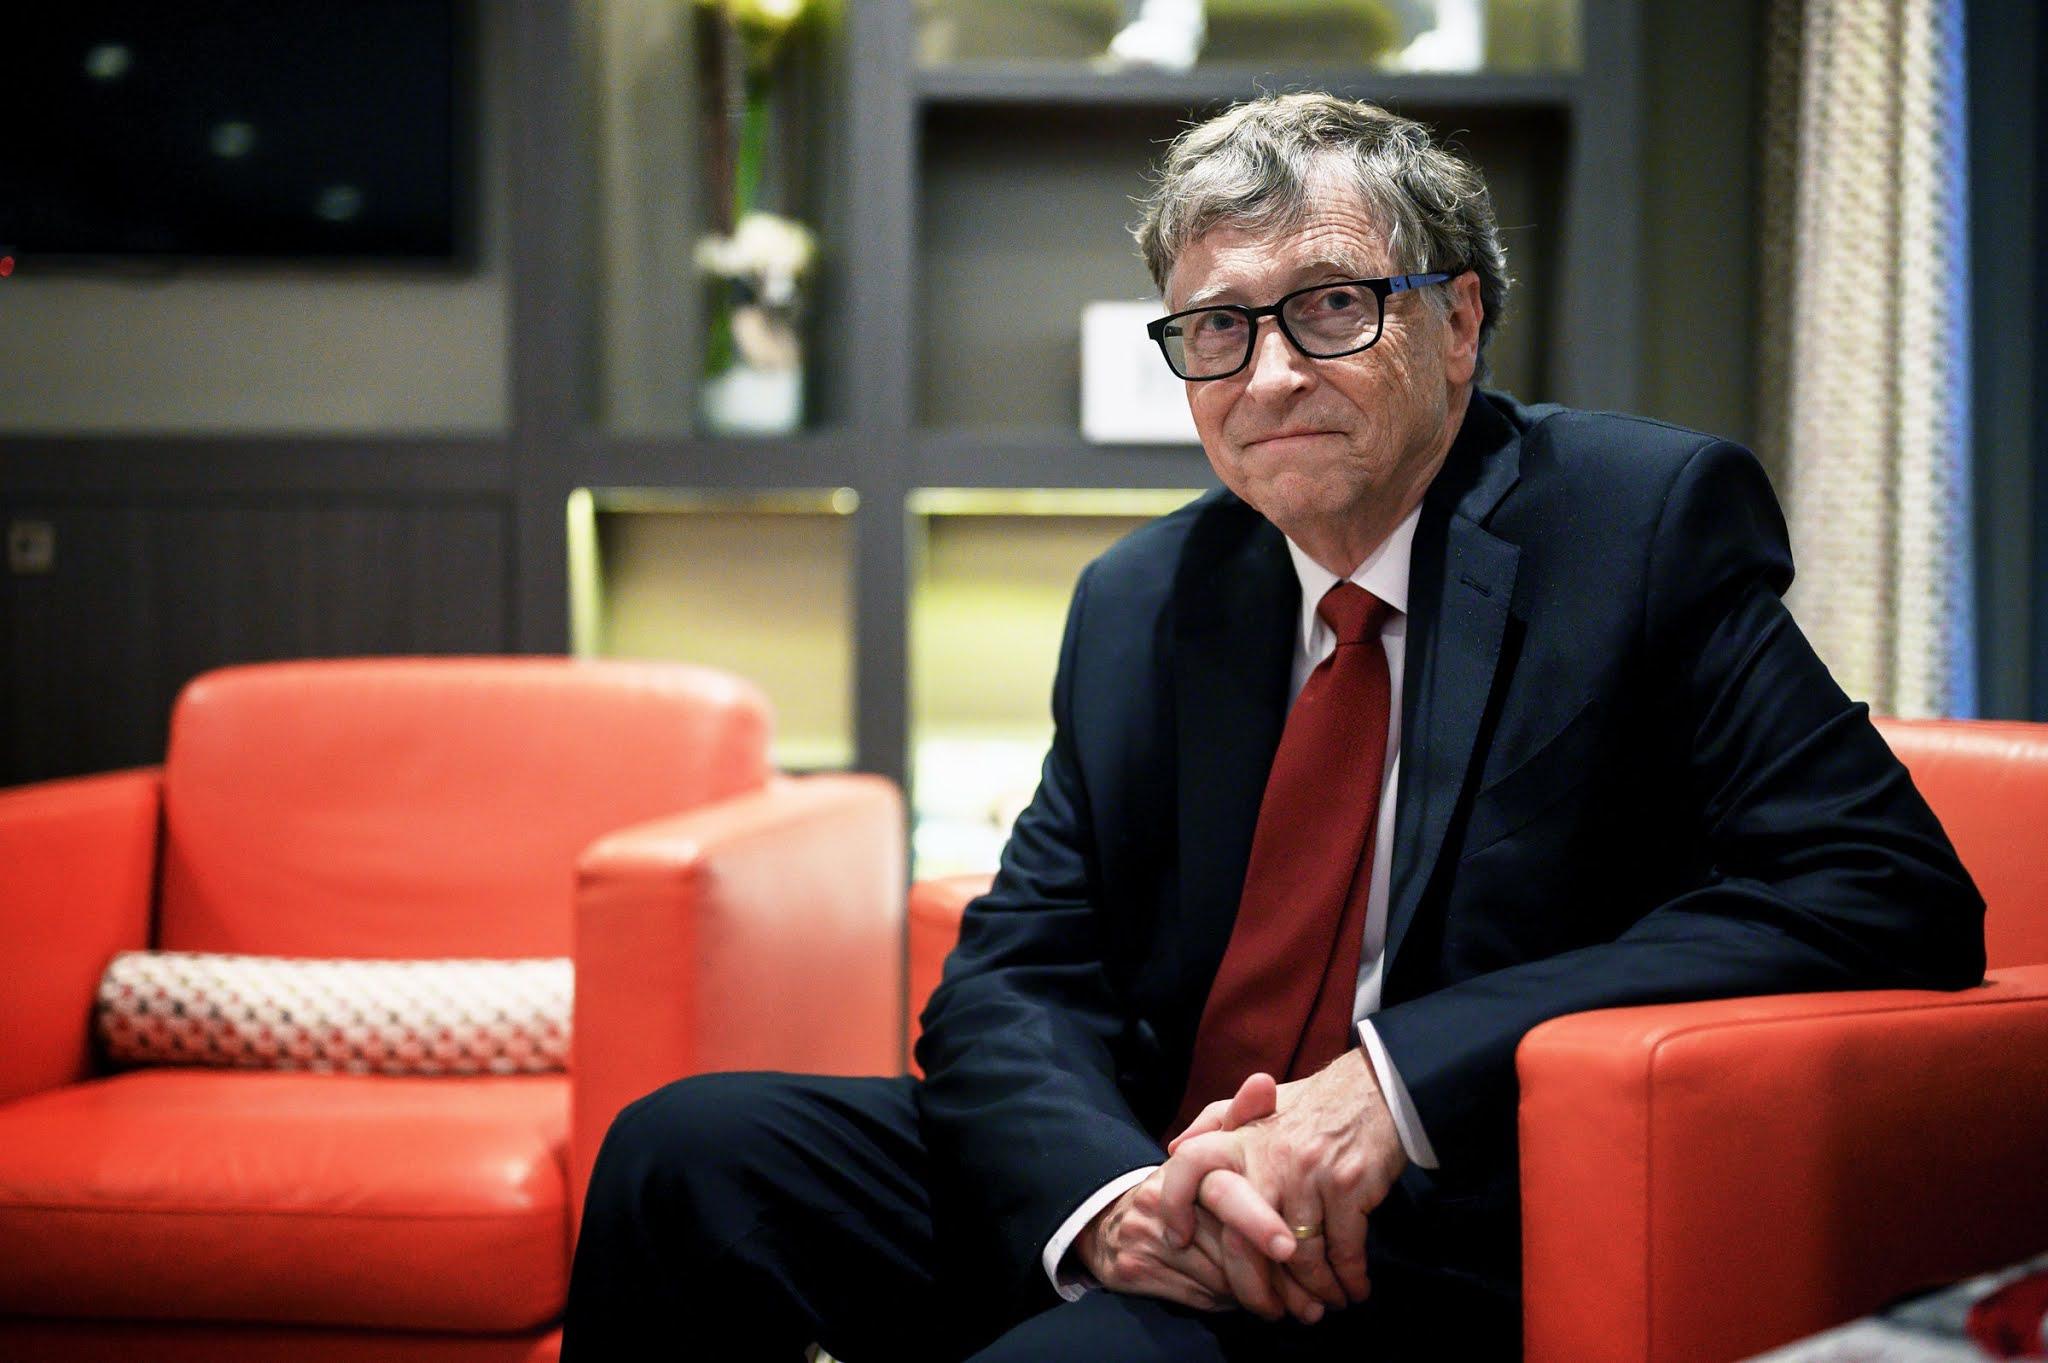 Bill Gates anunció su divorcio de Melinda tras 27 años de matrimonio